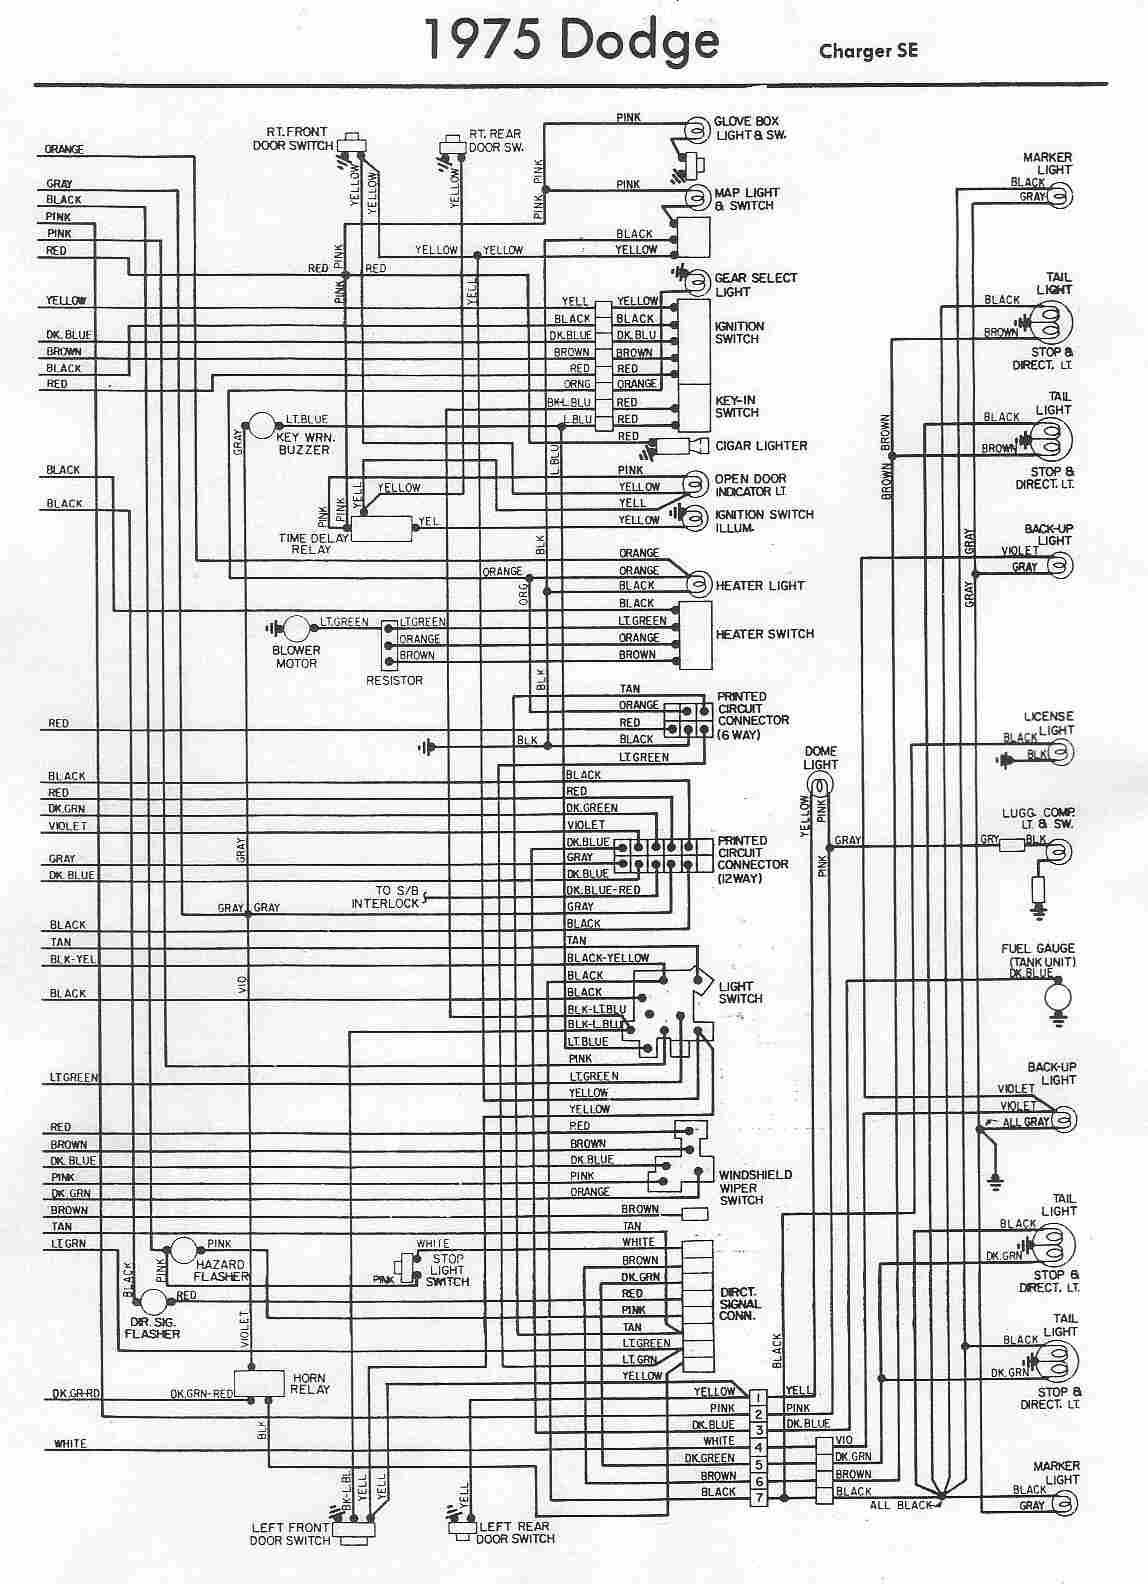 DODGE - Car PDF Manual, Wiring Diagram & Fault Codes DTCCAR PDF Manuals & Fault Codes DTC